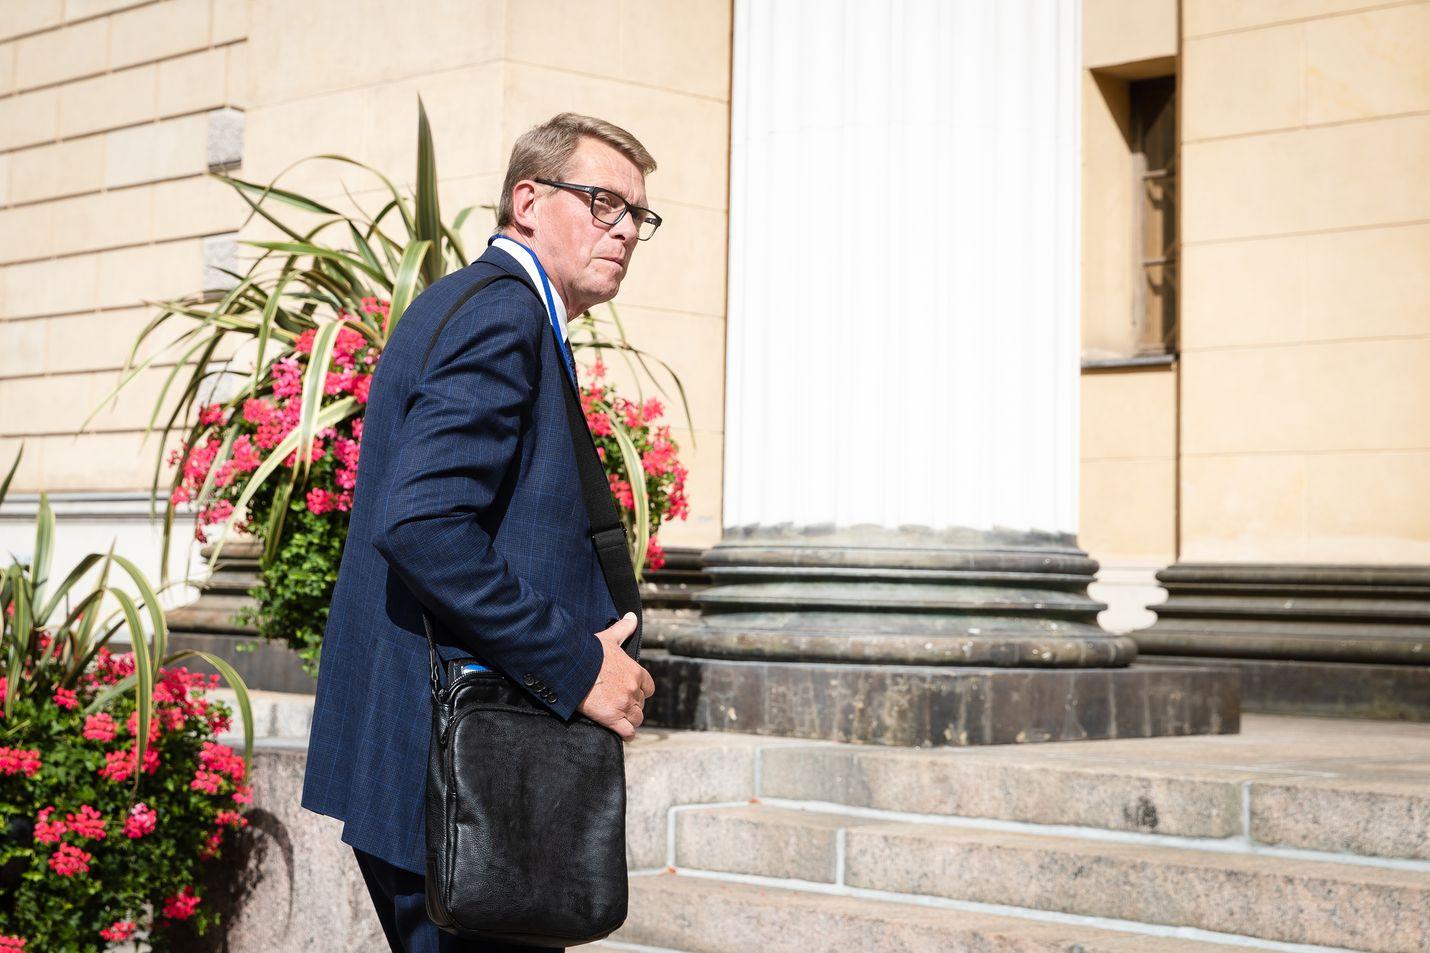 Valtiovarainministeri Matti Vanhanen on korostanut, että valtiotalouden menokehykseen palataan jälleen vuonna 2021.